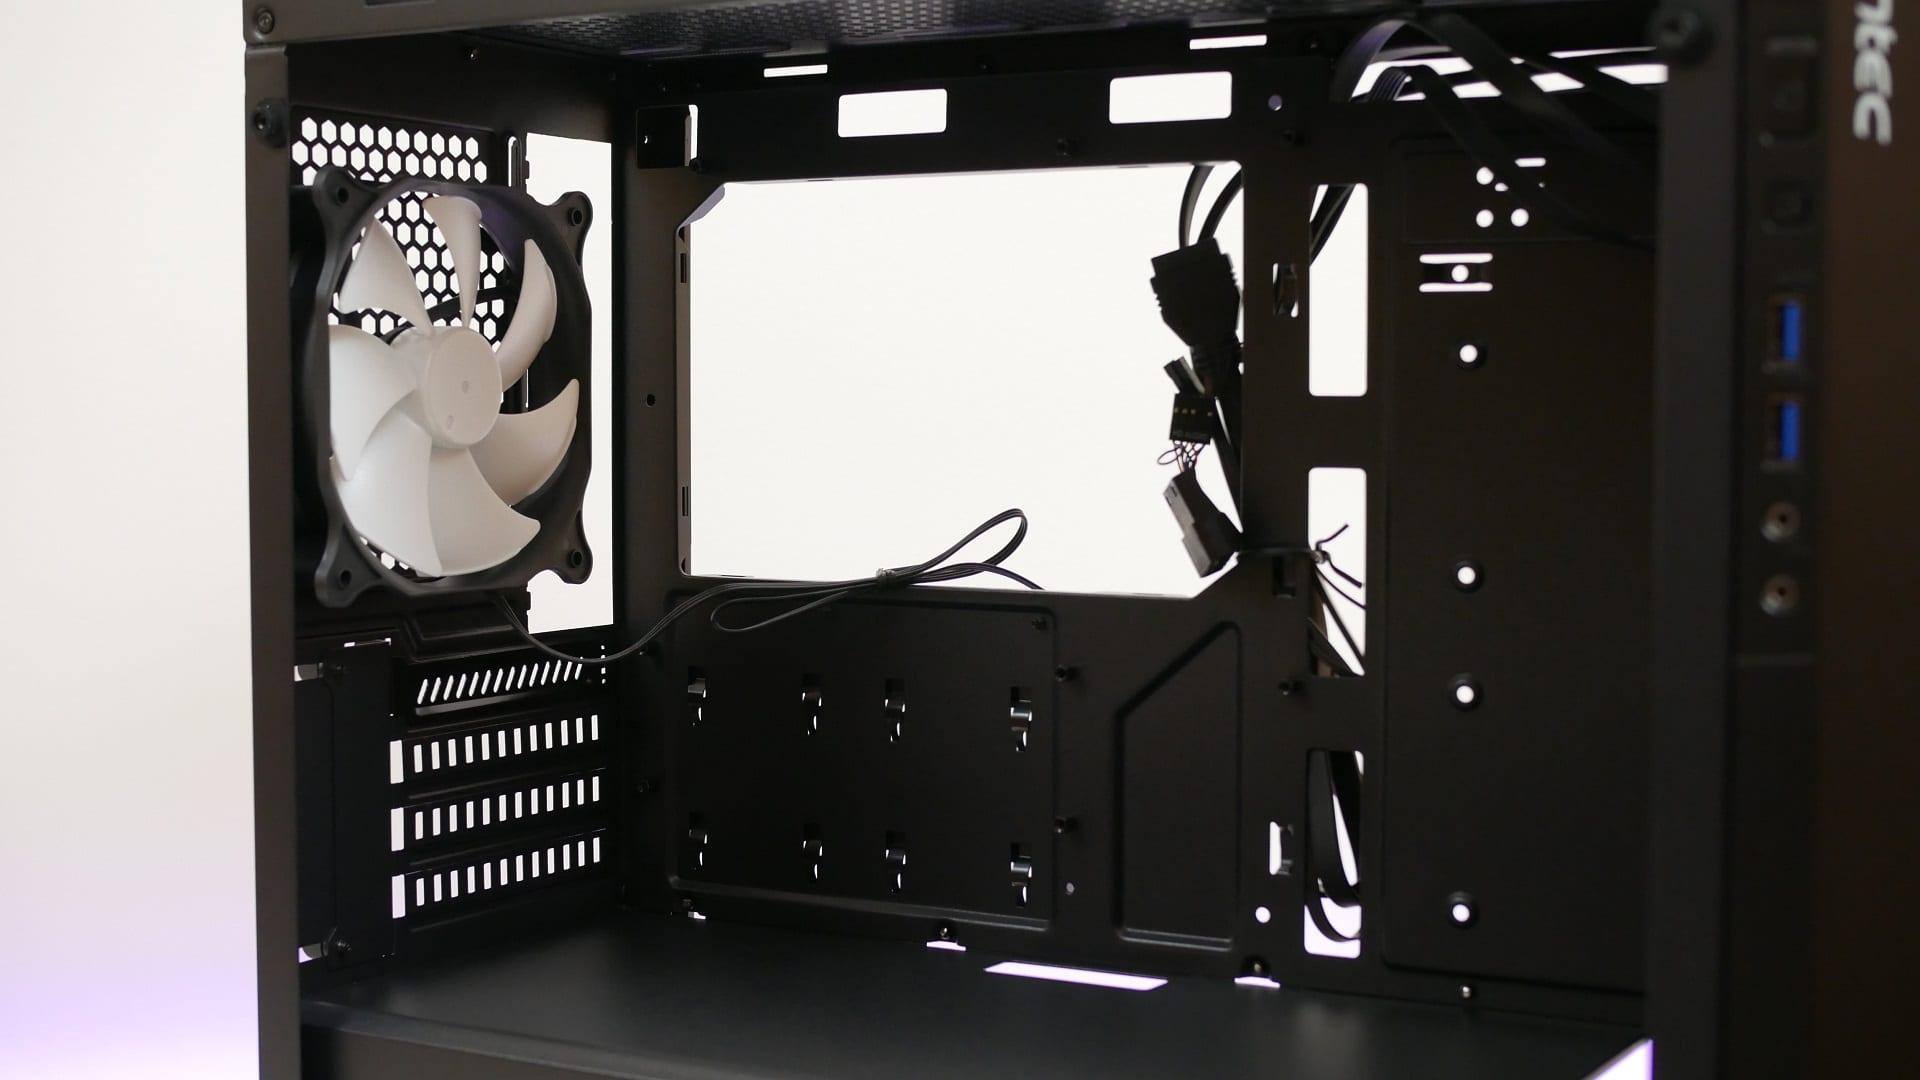 antec p6 recensione3 - Antec P6, recensione del nuovo case Micro-ATX